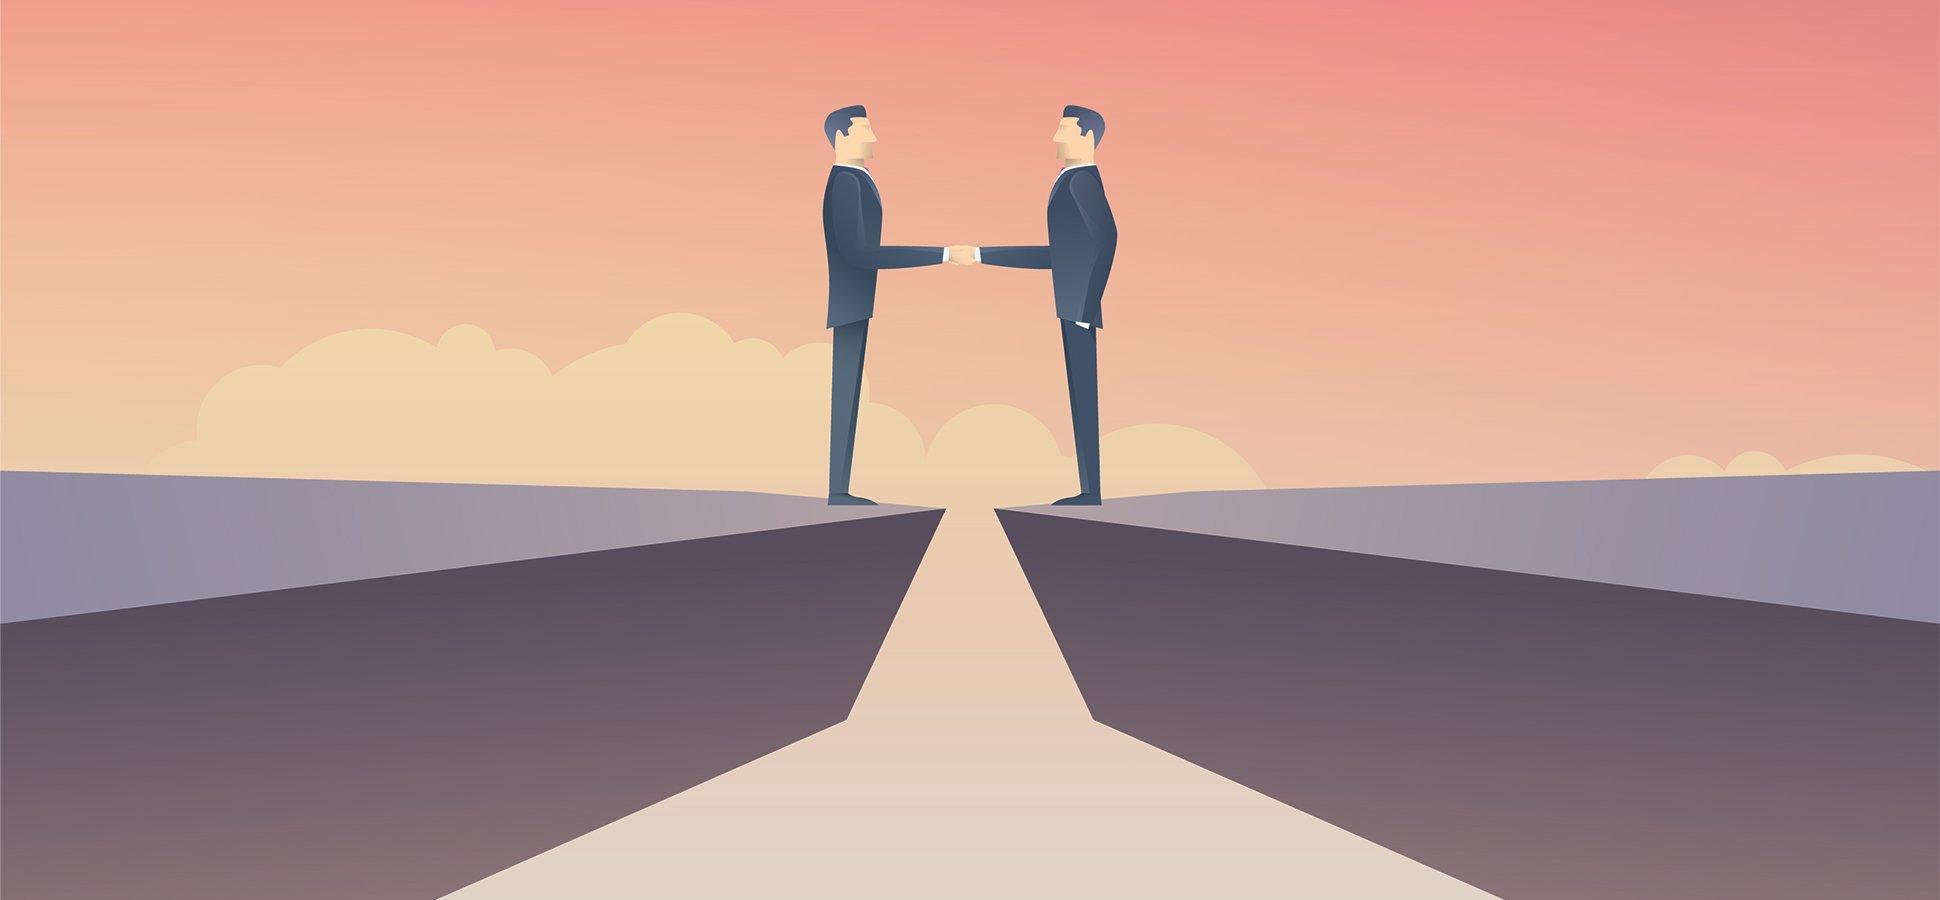 negotiation-base price-target price